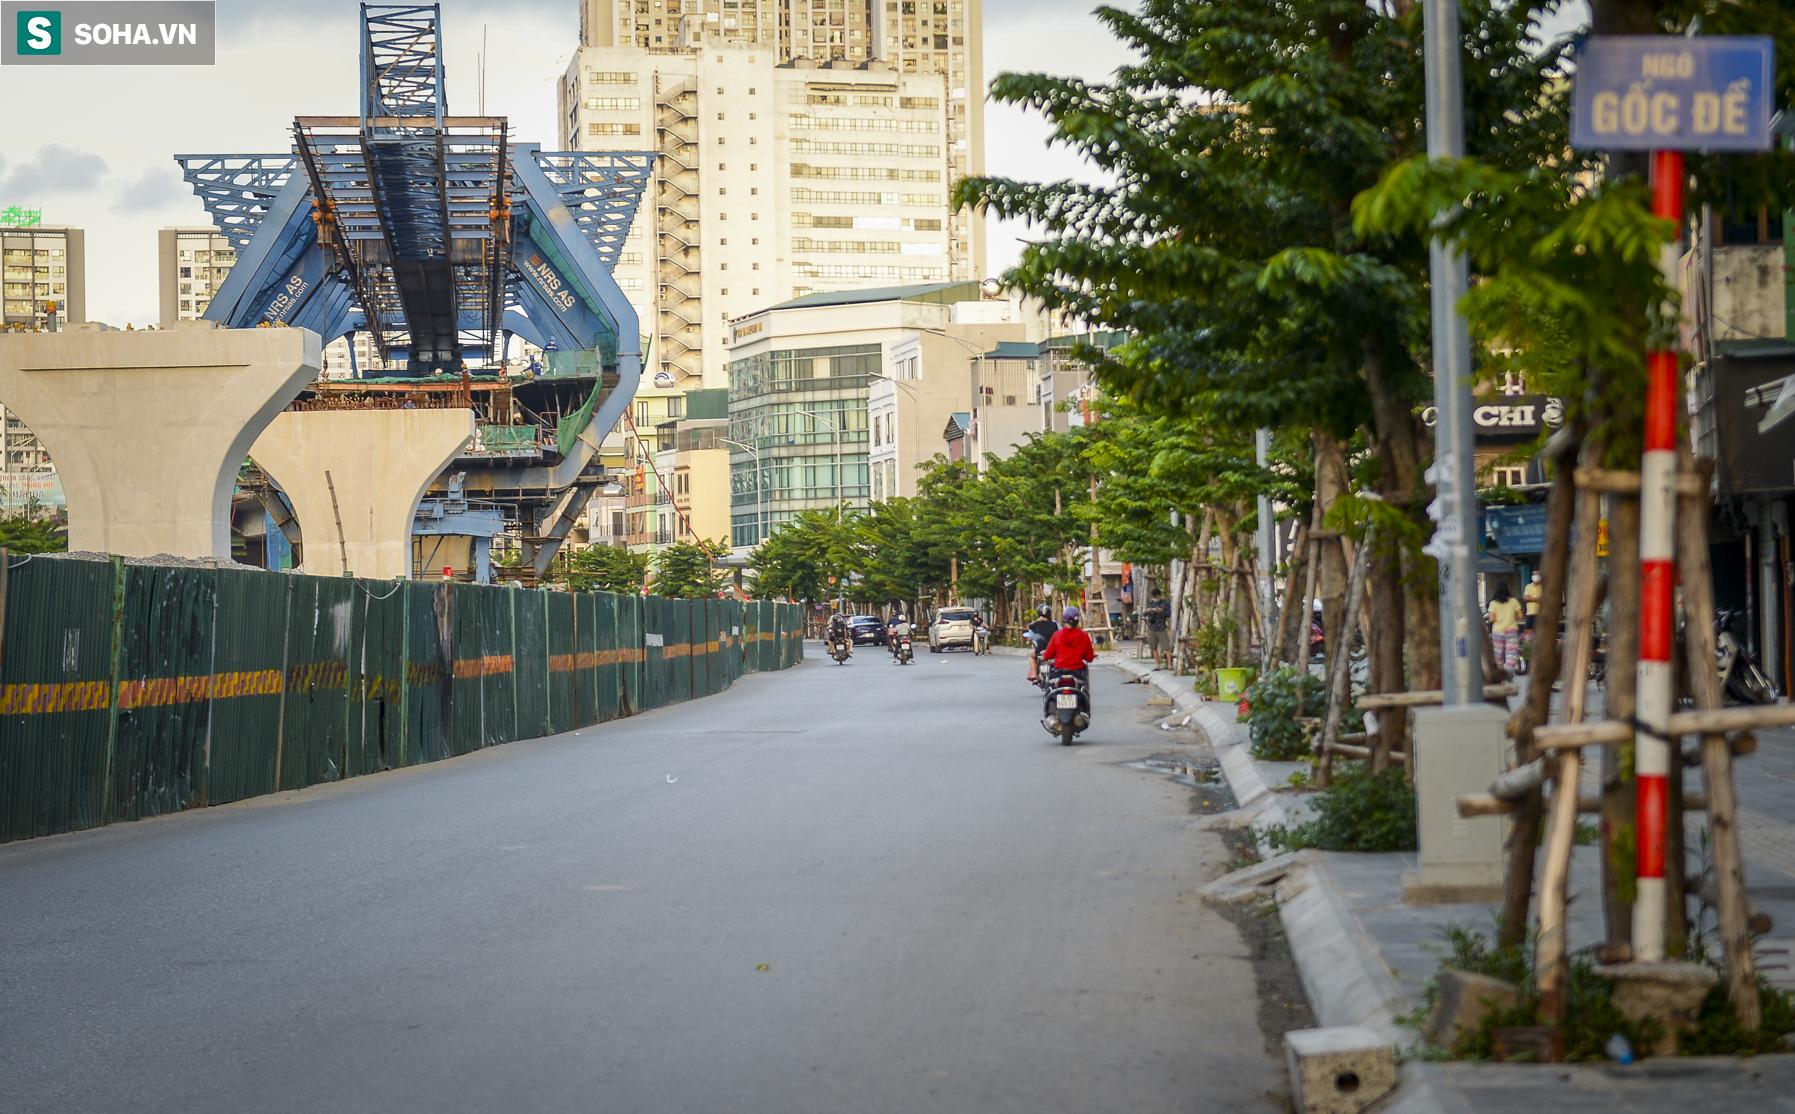 Hà Nội: Con đường đau khổ sắp chấm dứt, lộ diện hình hài của tuyến đường trị giá gần 10.000 tỷ - Ảnh 5.